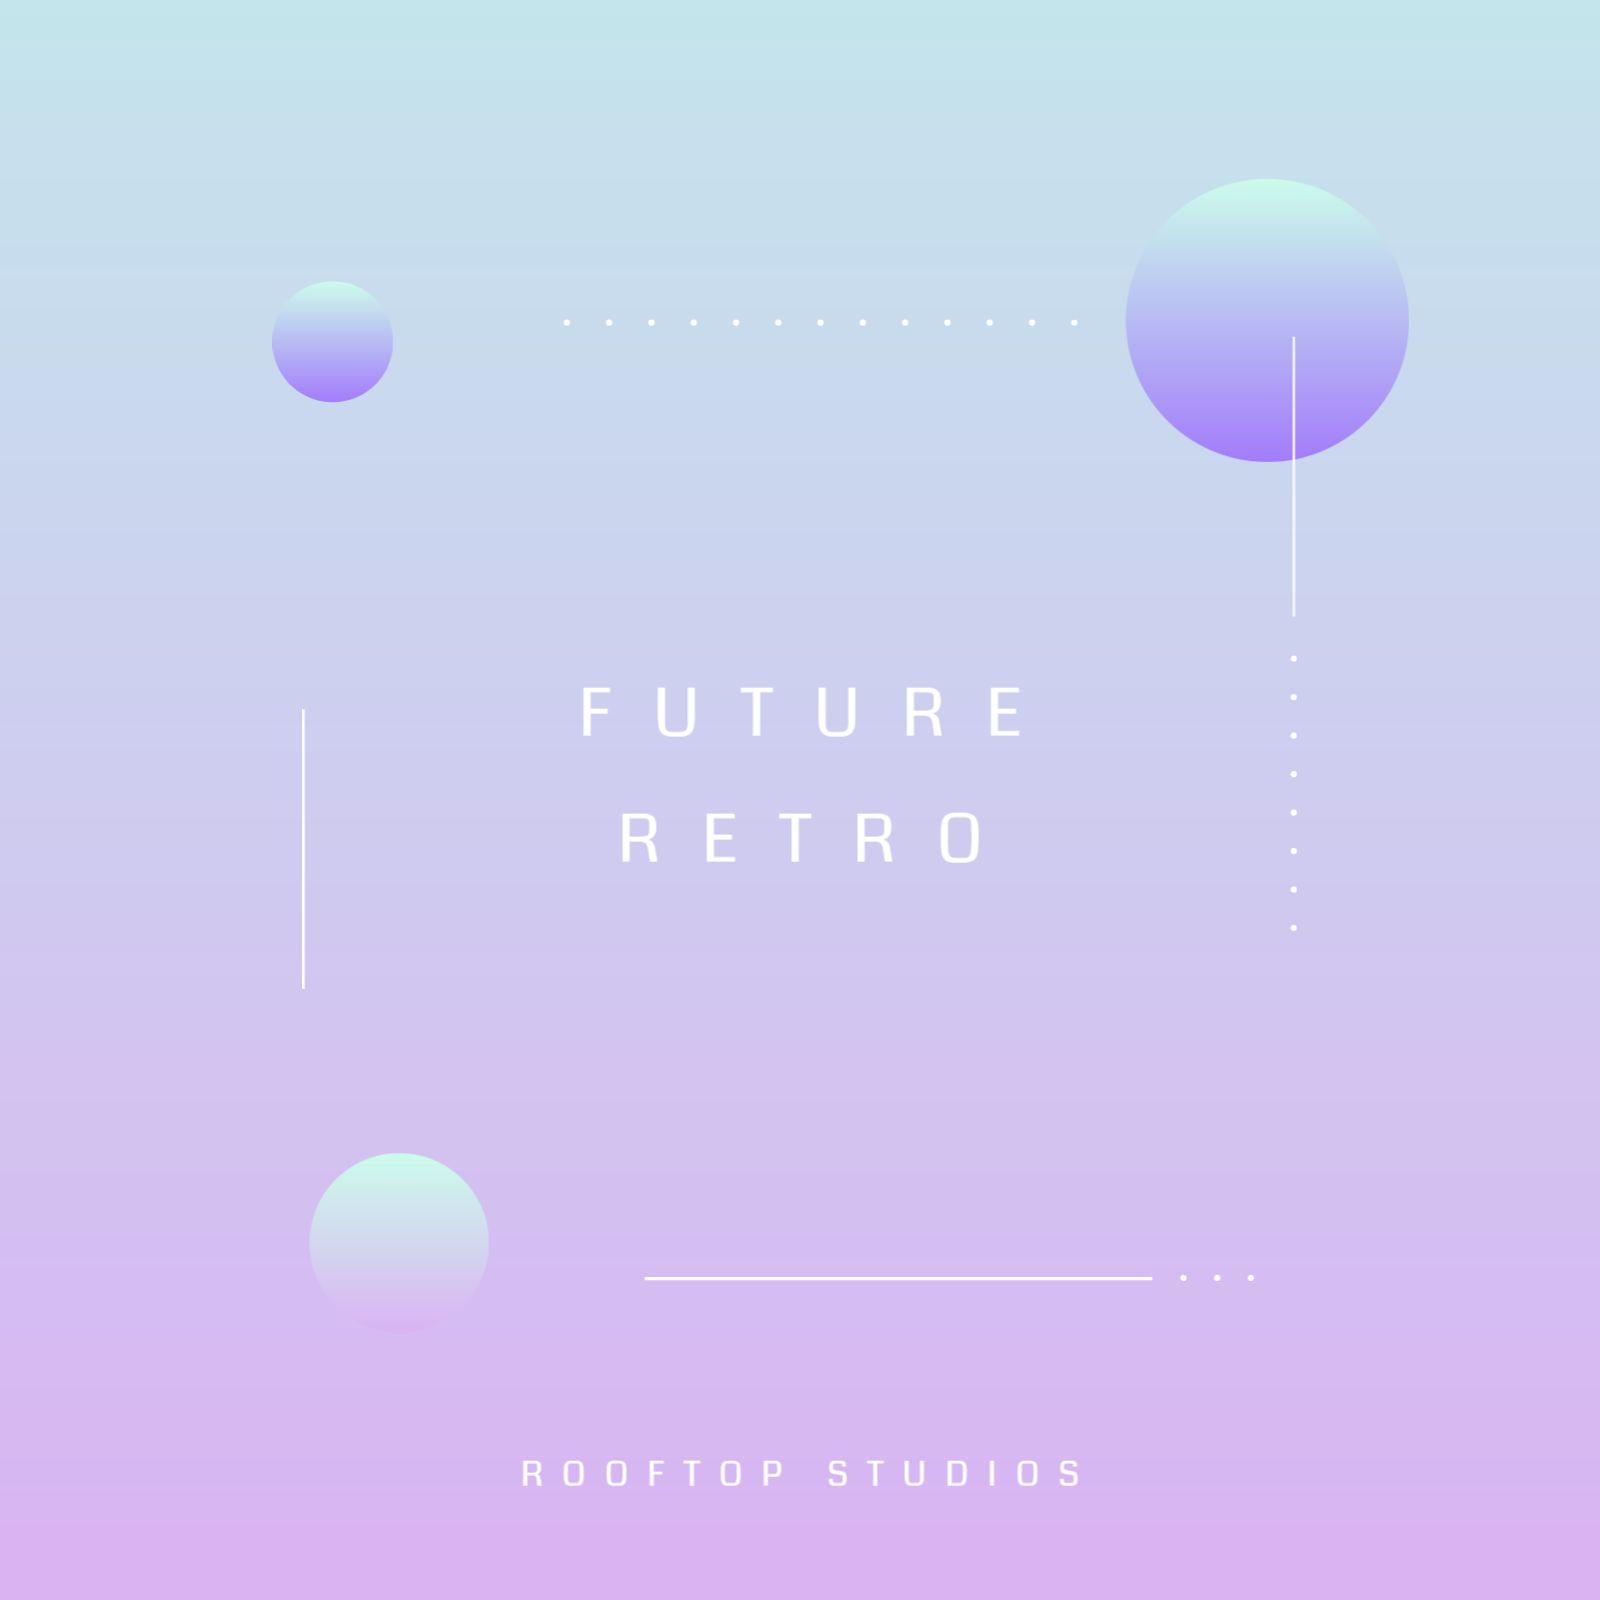 Minimalist Retro Digital Album Cover Template